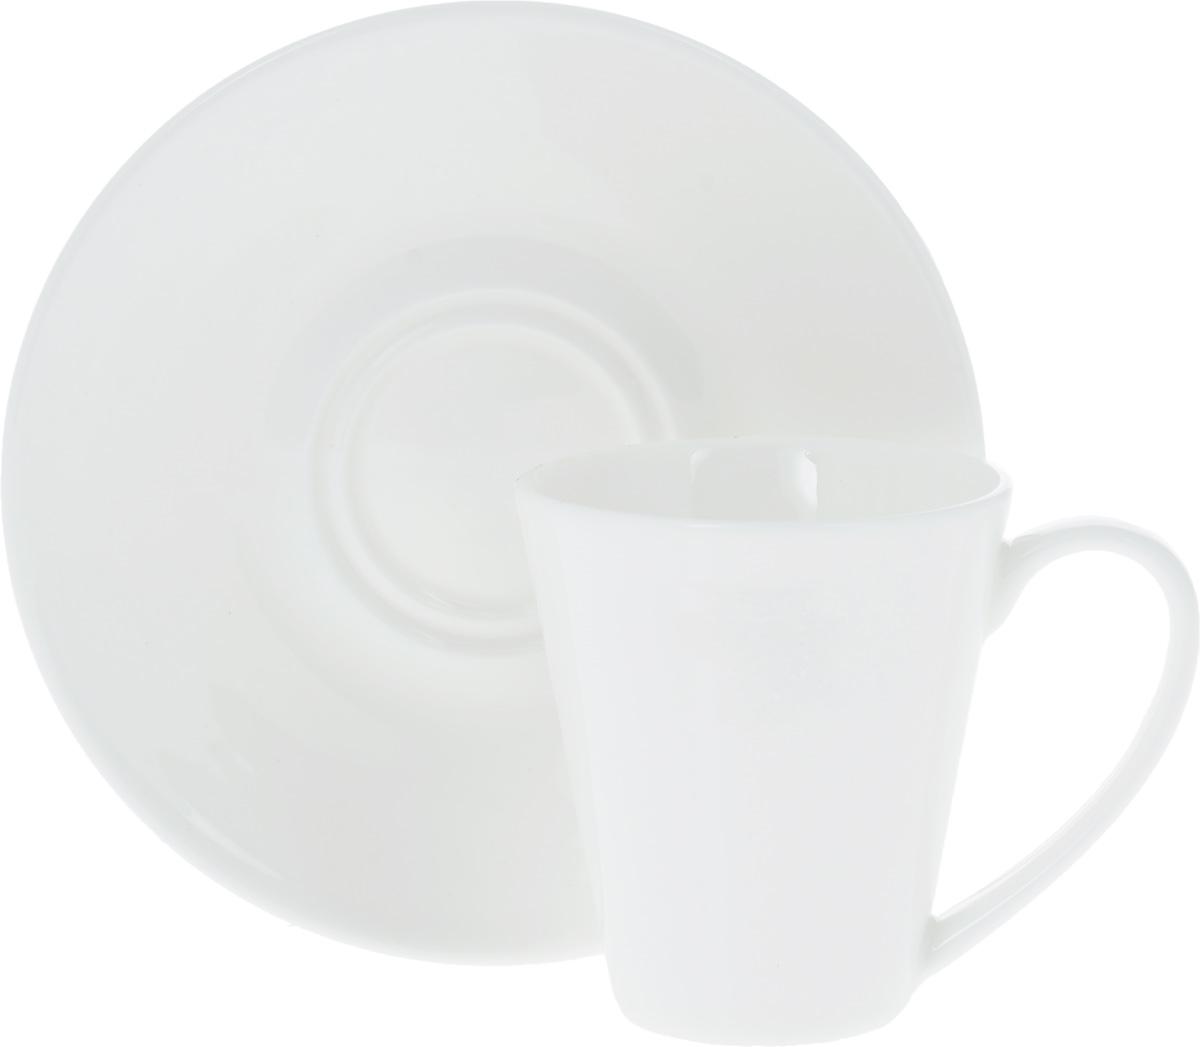 Кофейная пара Wilmax, 2 предмета. WL-993054 / AB730534Кофейная пара Wilmax состоит из чашки и блюдца. Изделия выполнены из высококачественного фарфора, покрытого слоем глазури. Изделия имеют лаконичный дизайн, просты и функциональны в использовании. Кофейная пара Wilmax украсит ваш кухонный стол, а также станет замечательным подарком к любому празднику.Изделия можно мыть в посудомоечной машине и ставить в микроволновую печь.Объем чашки: 110 мл.Диаметр чашки (по верхнему краю): 6 см.Высота чашки: 7 см.Диаметр блюдца: 13 см.